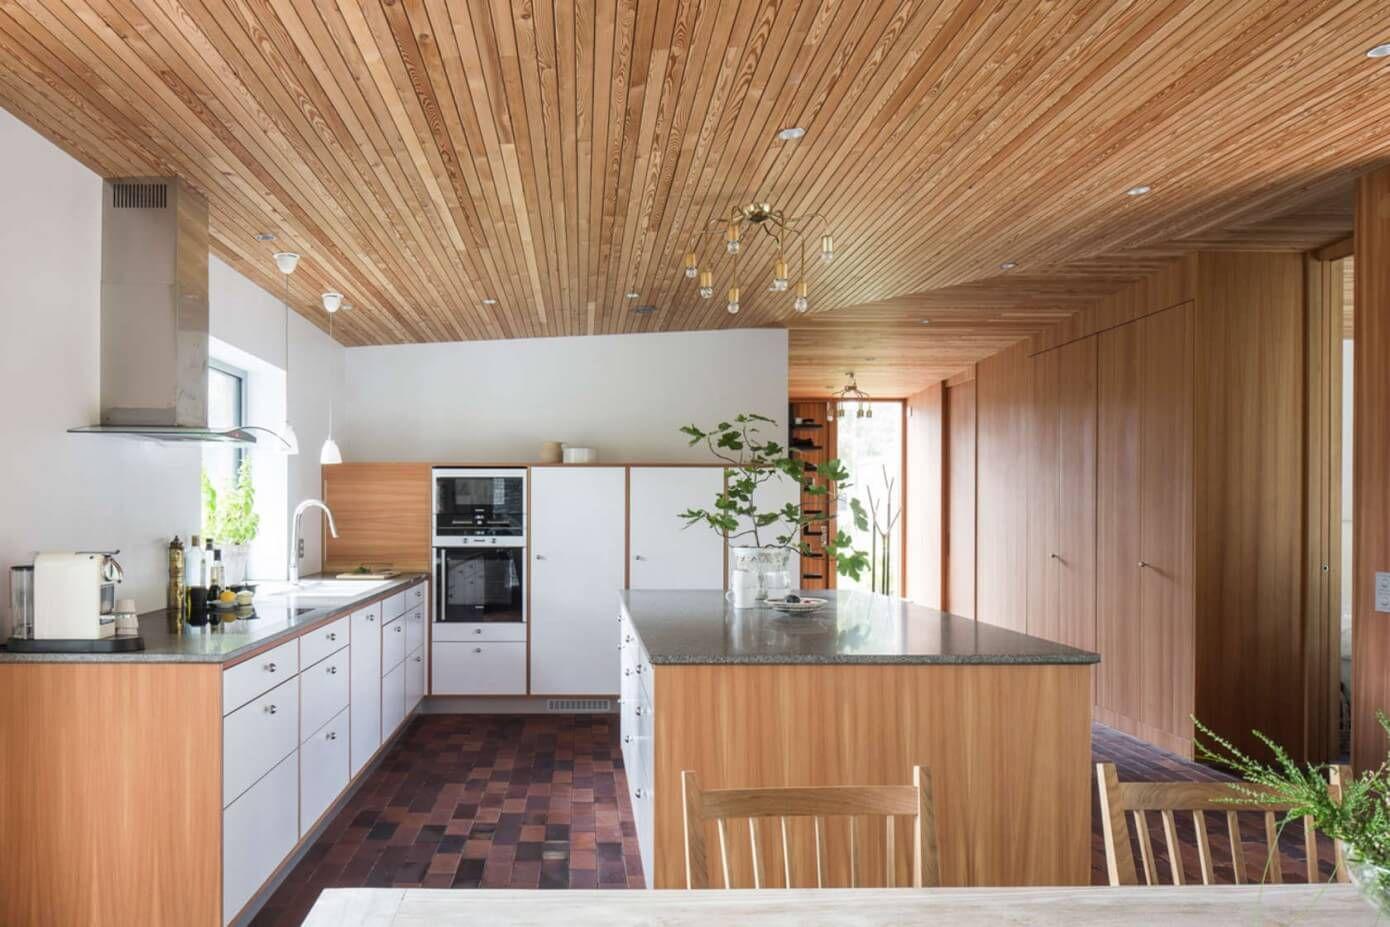 wooden interior design modern kitchen